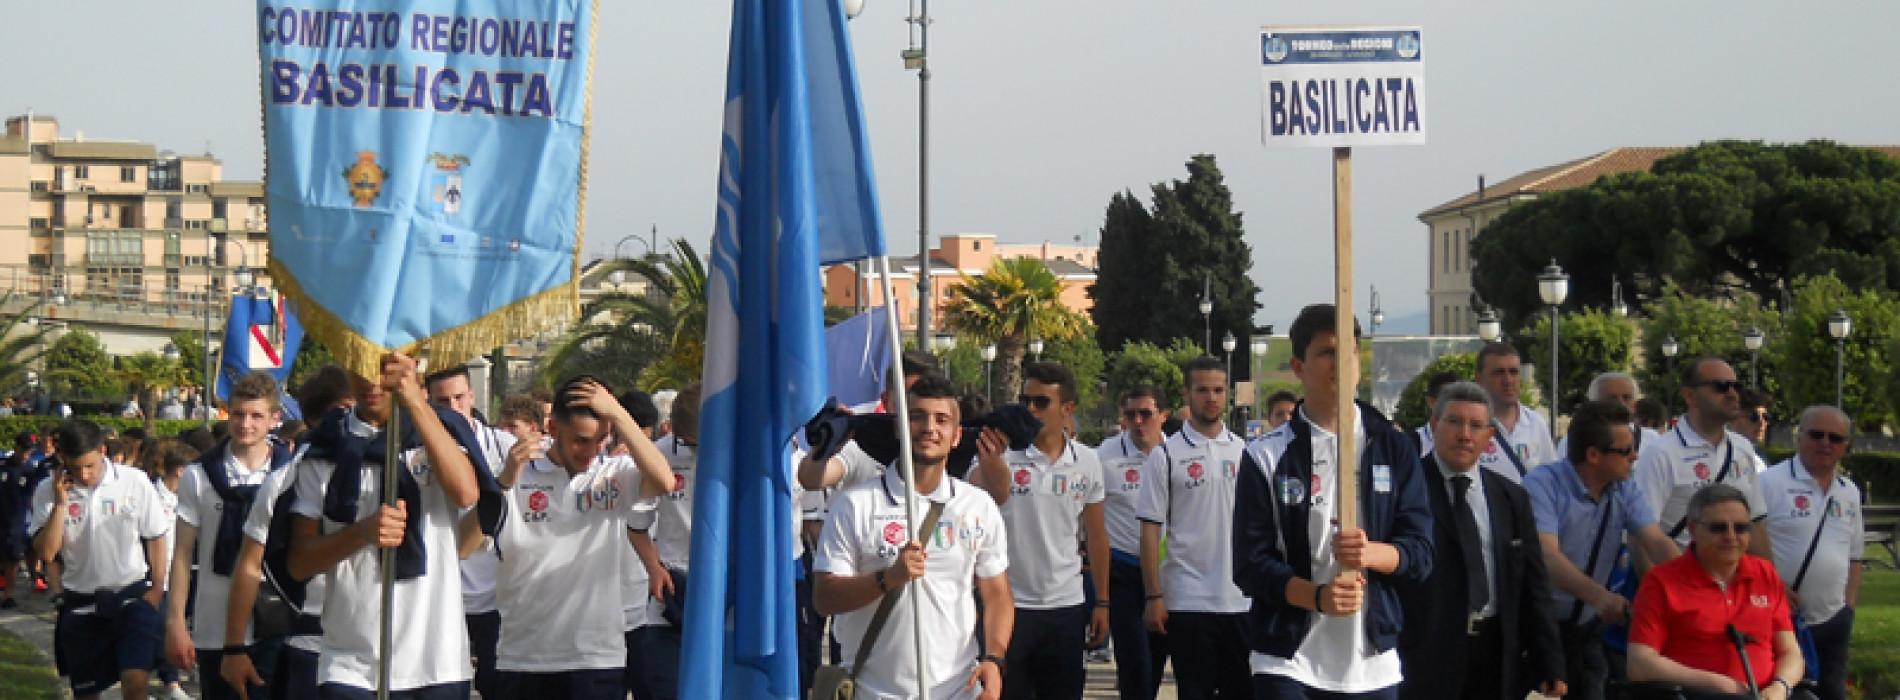 TdR 2016: Le Rappresentative Regionali del Calcio a 11 sono in Calabria